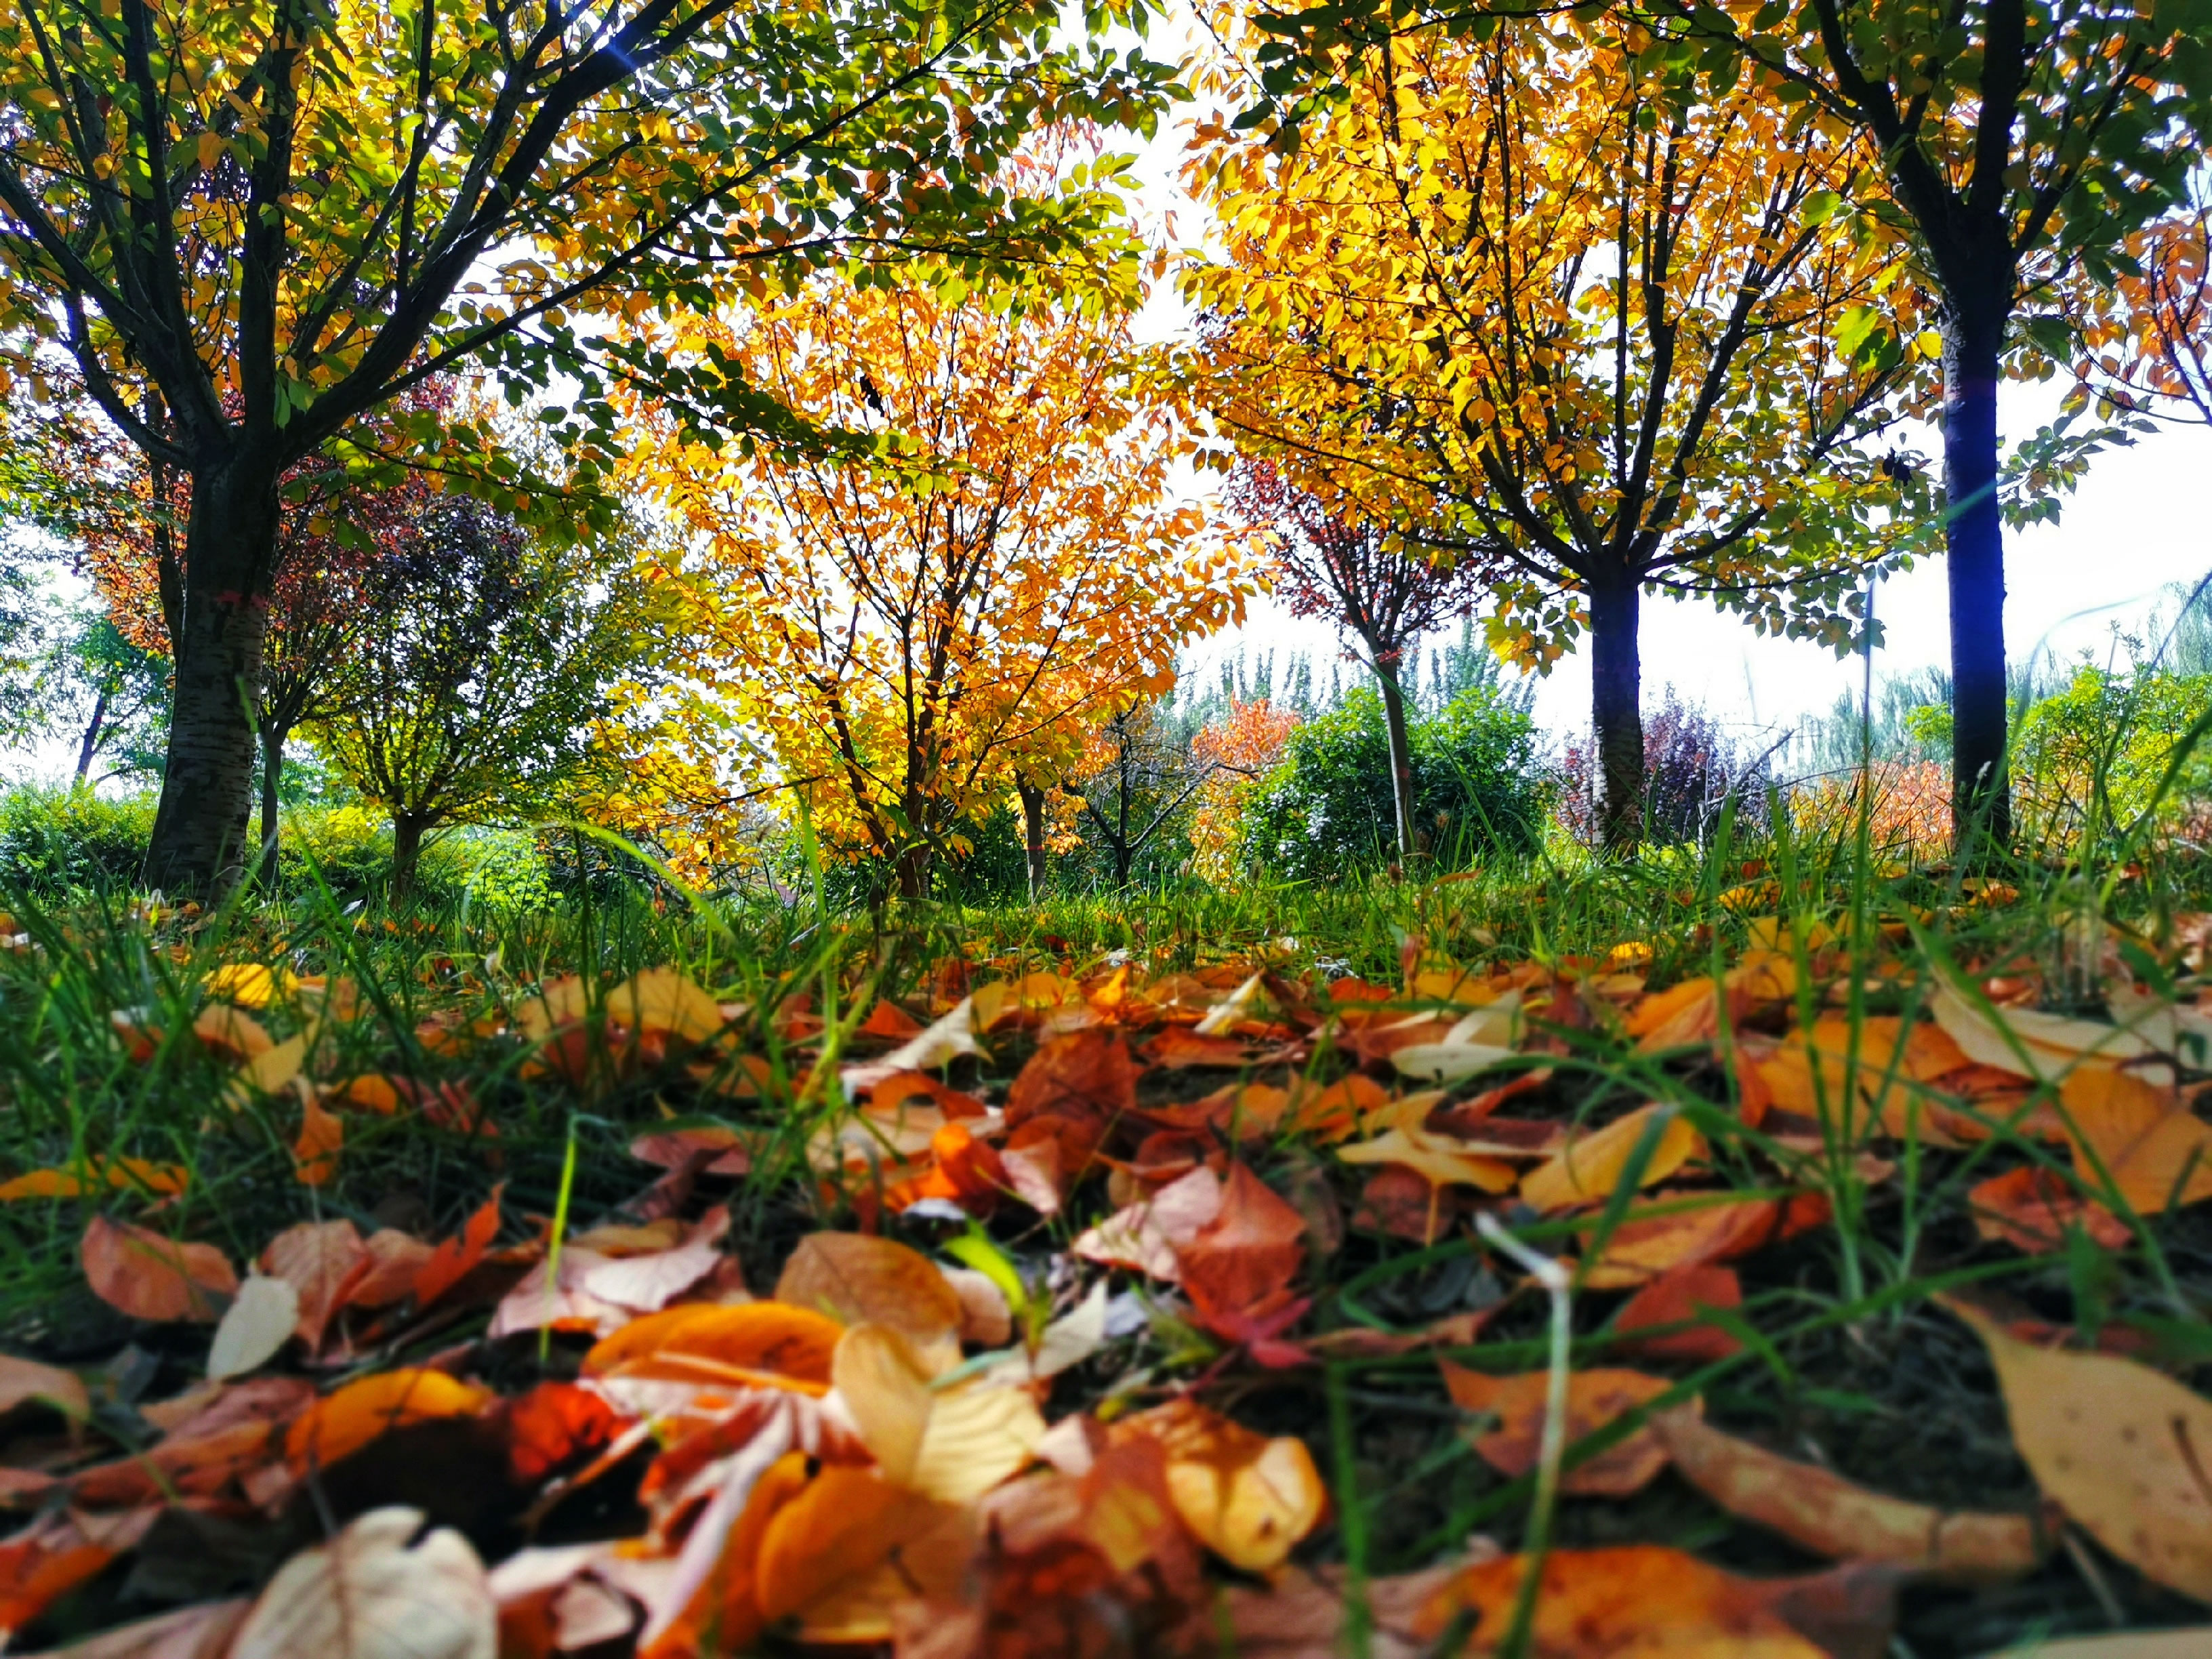 【粉丝生活】深秋之际 灞河两岸芦花白